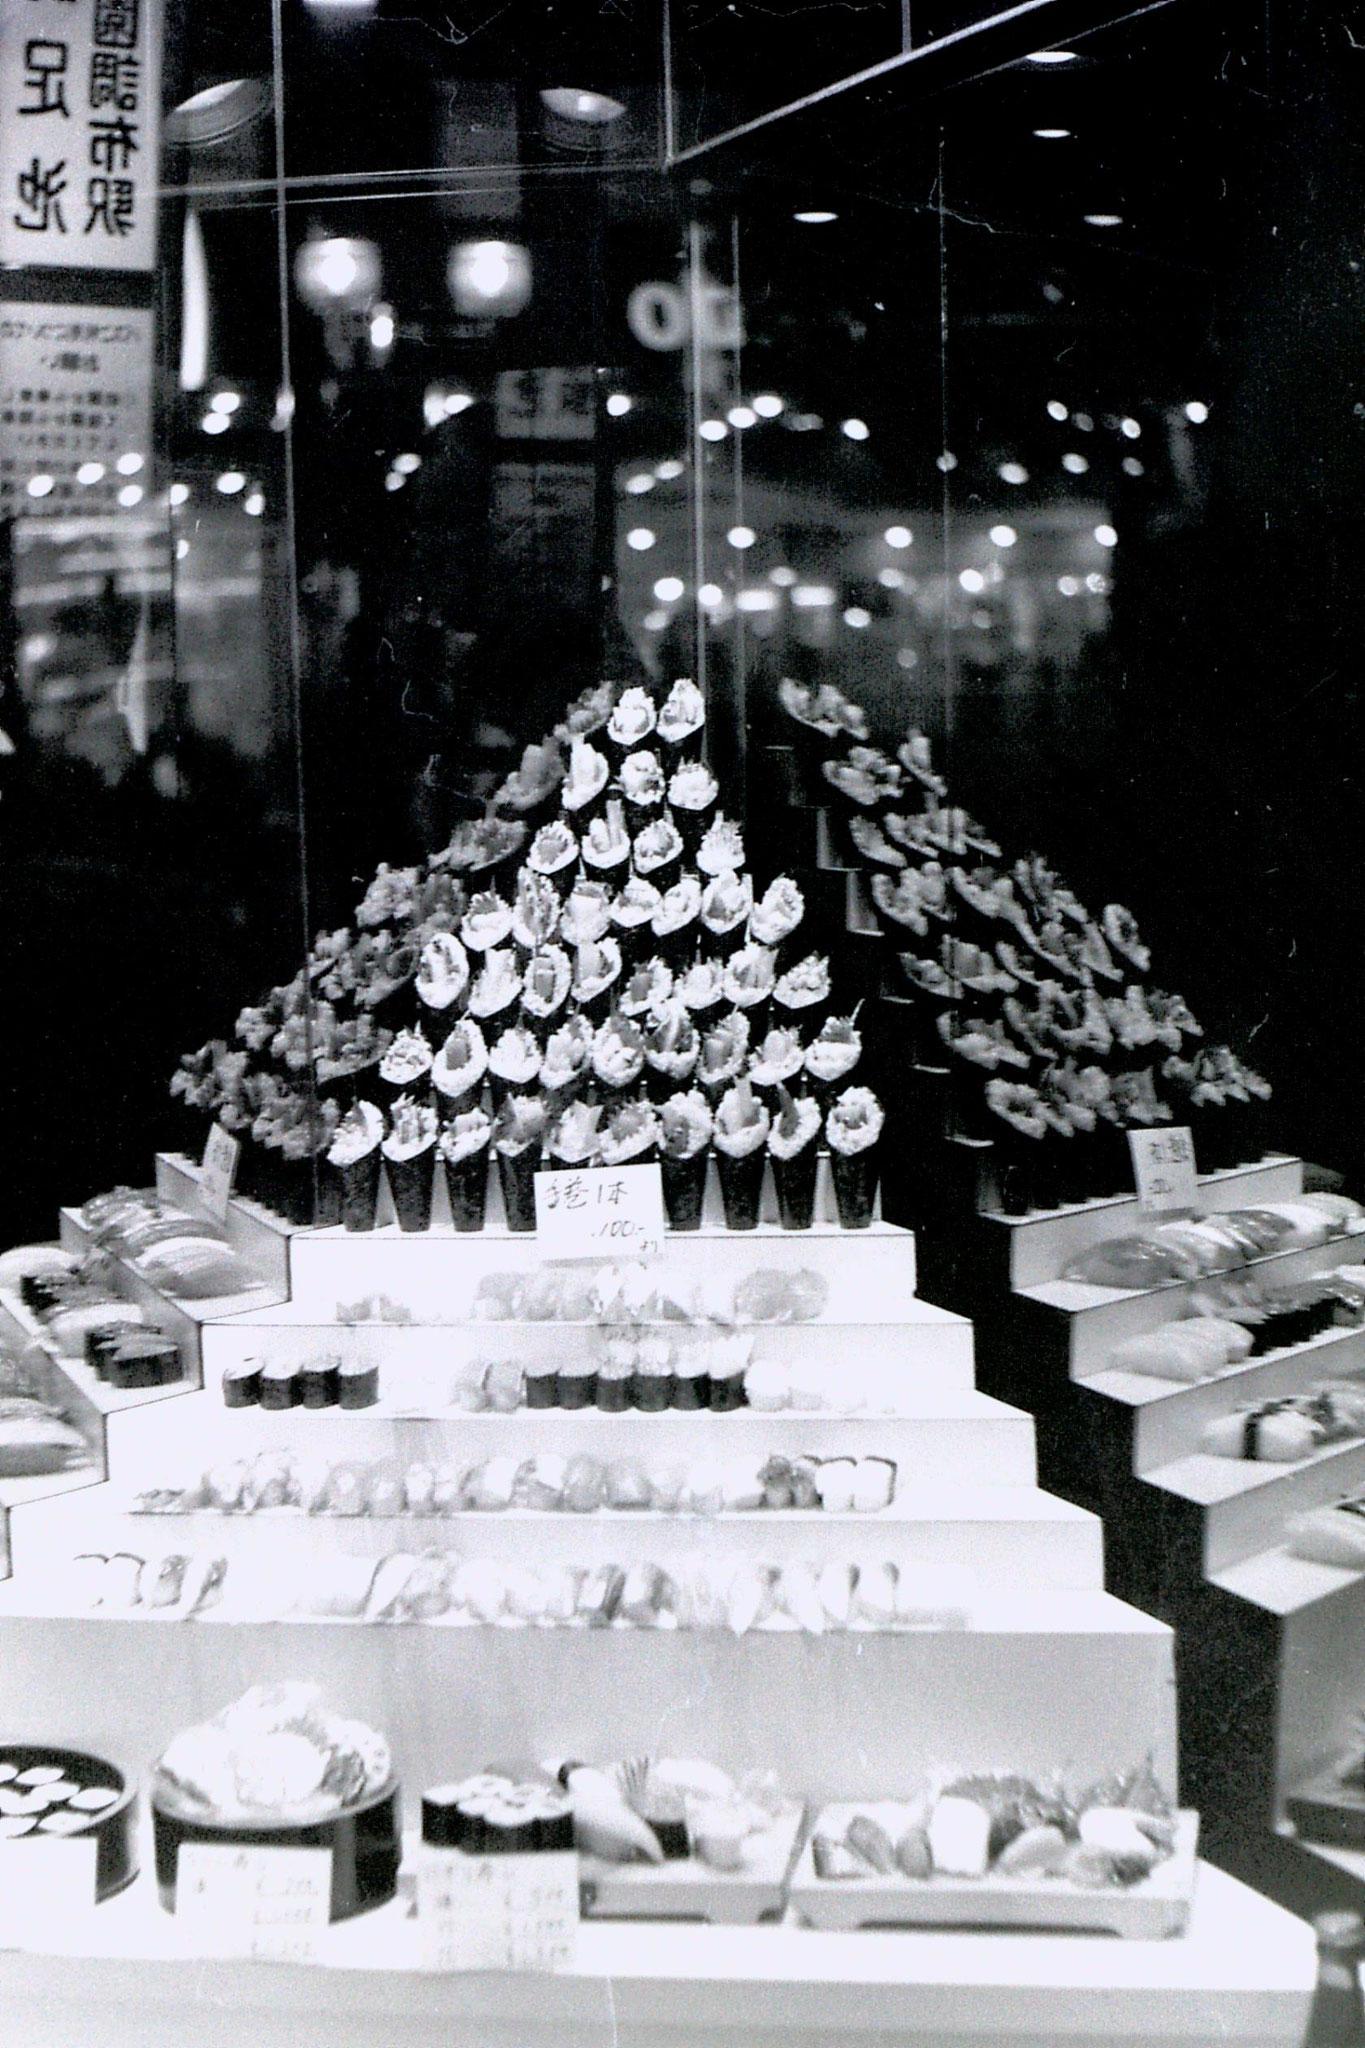 4/2/1989: 16: Takashimaya Store